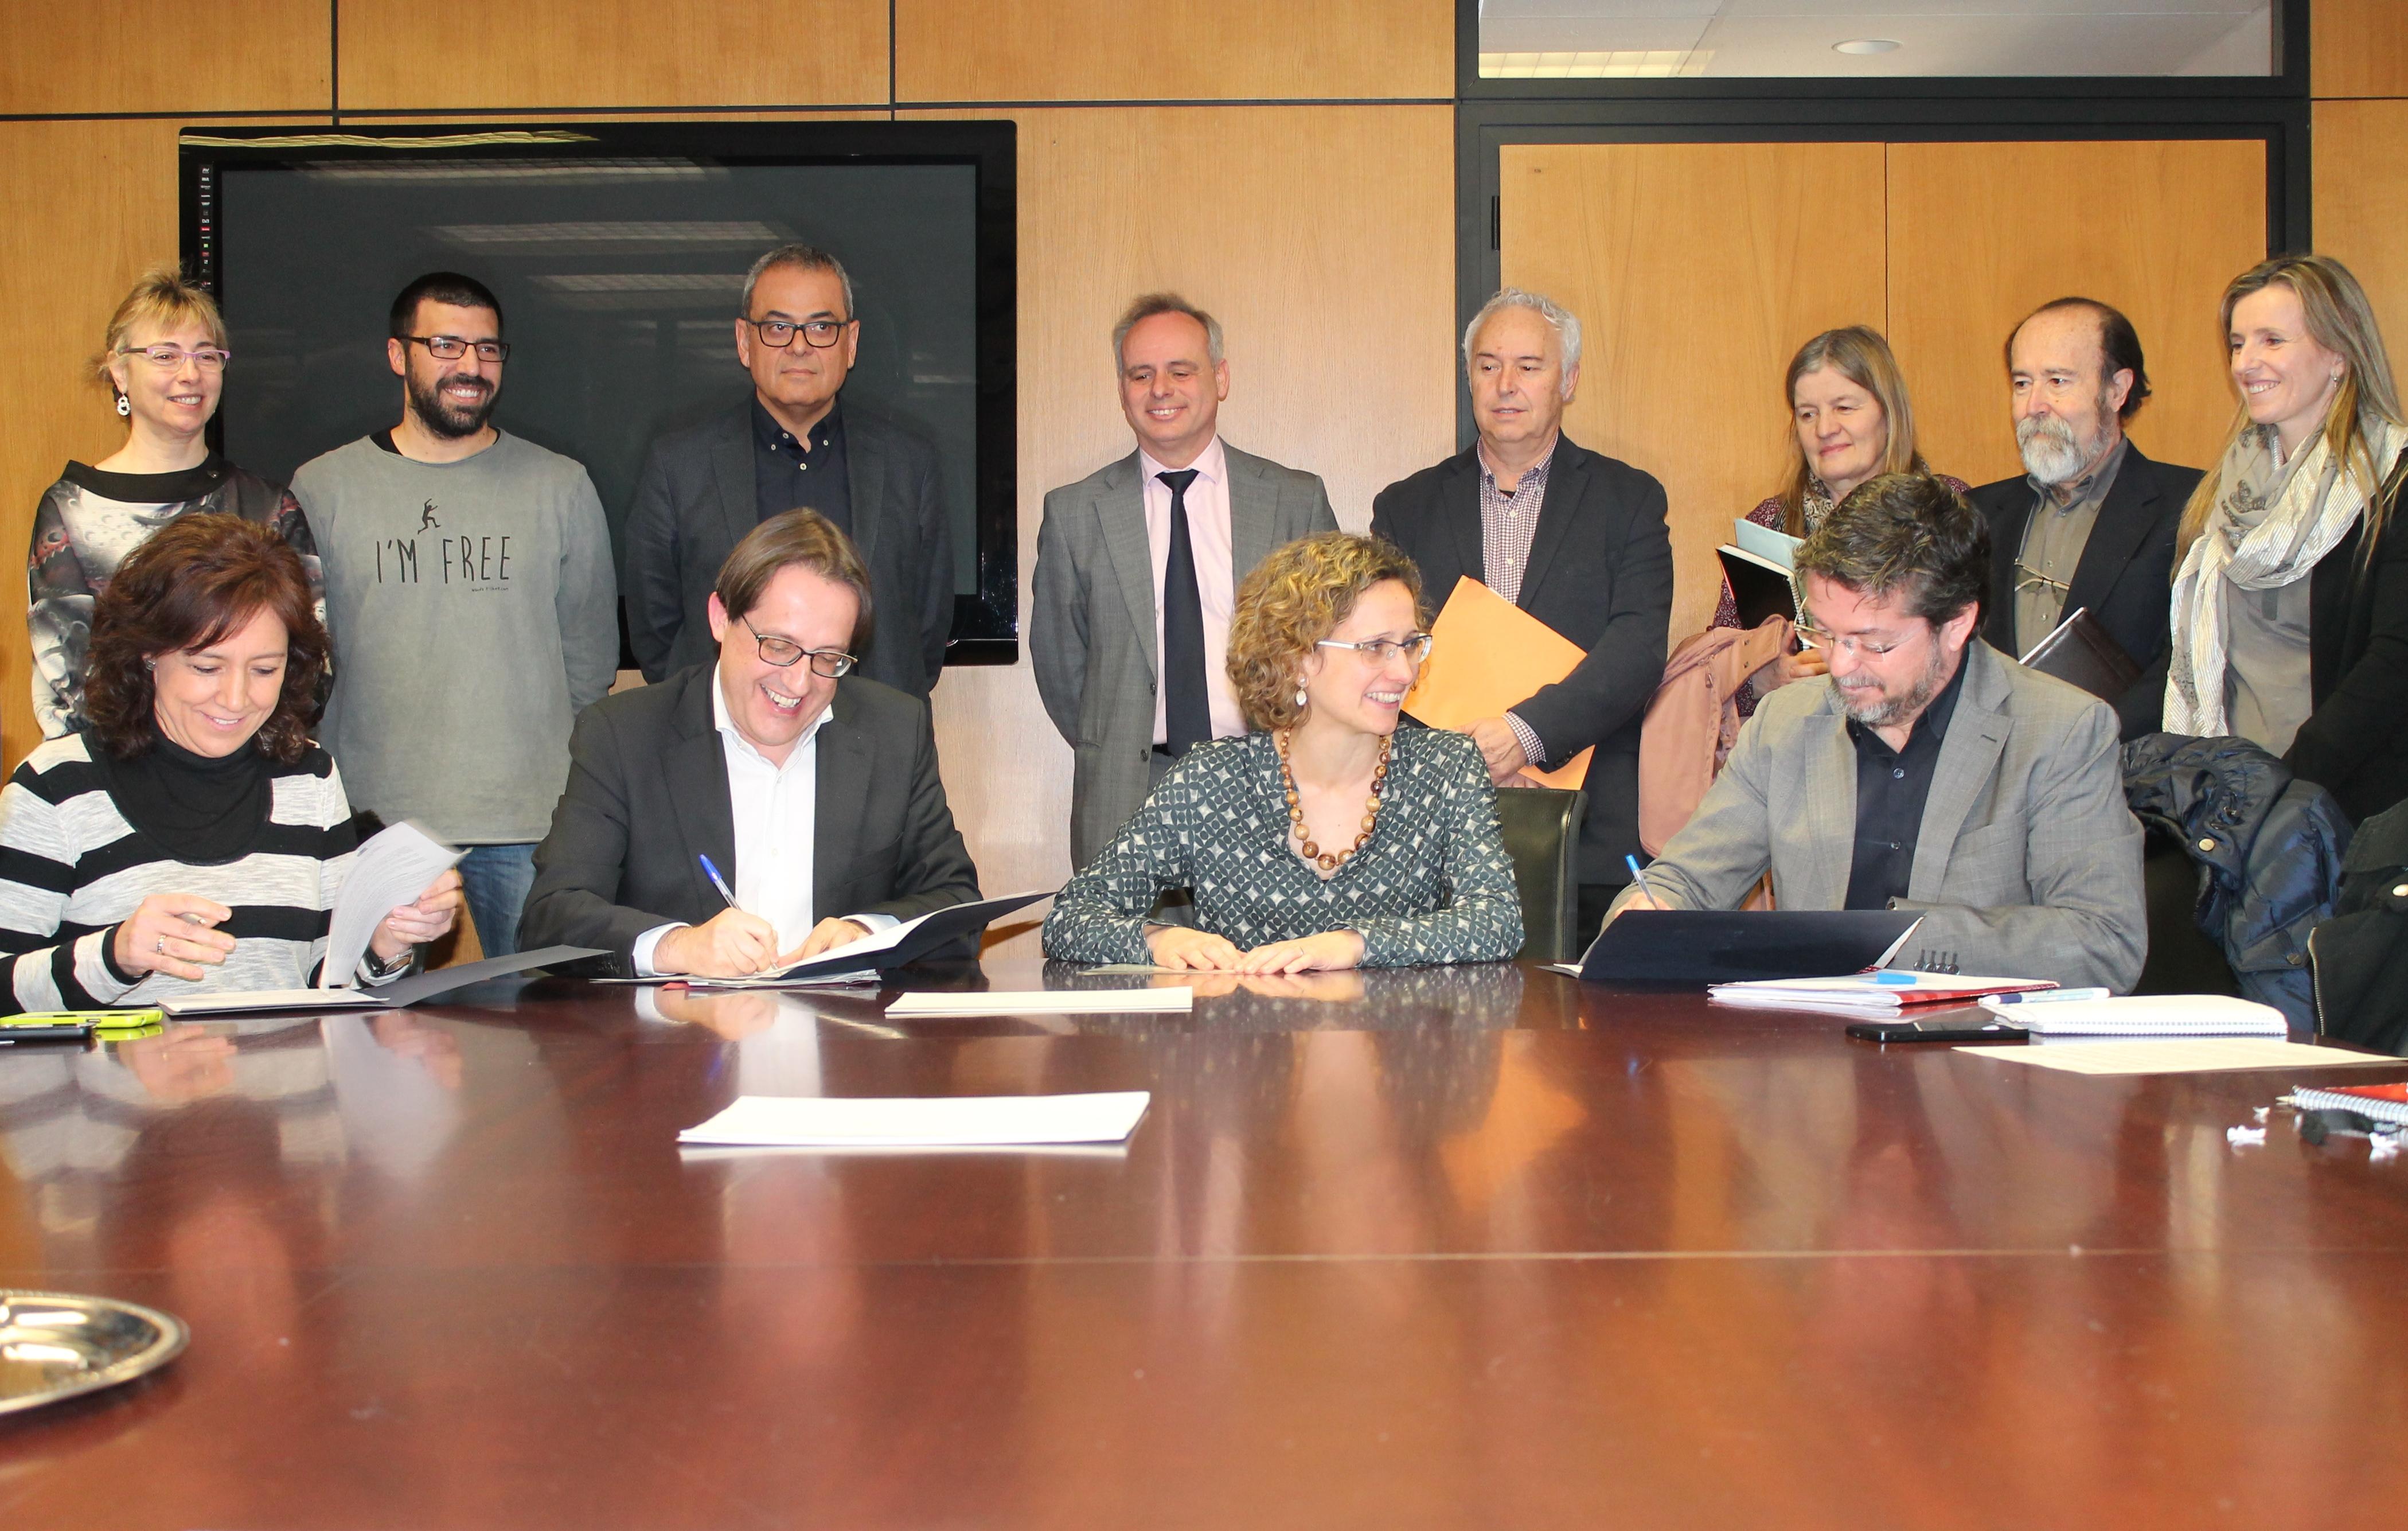 D'esquerra a dreta. Anna Erra, la presidenta de la comissió d'Ensenyament de l'Associació Catalana de Municipis; Antoni Llobet, secretari de Polítiques Educatives; Meritxell Ruiz, consellera d'Ensenyament; i José Antonio Montero, president de la comissió d'Educació de la Federació de Municipis de Catalunya, durant la signatura de l'acord